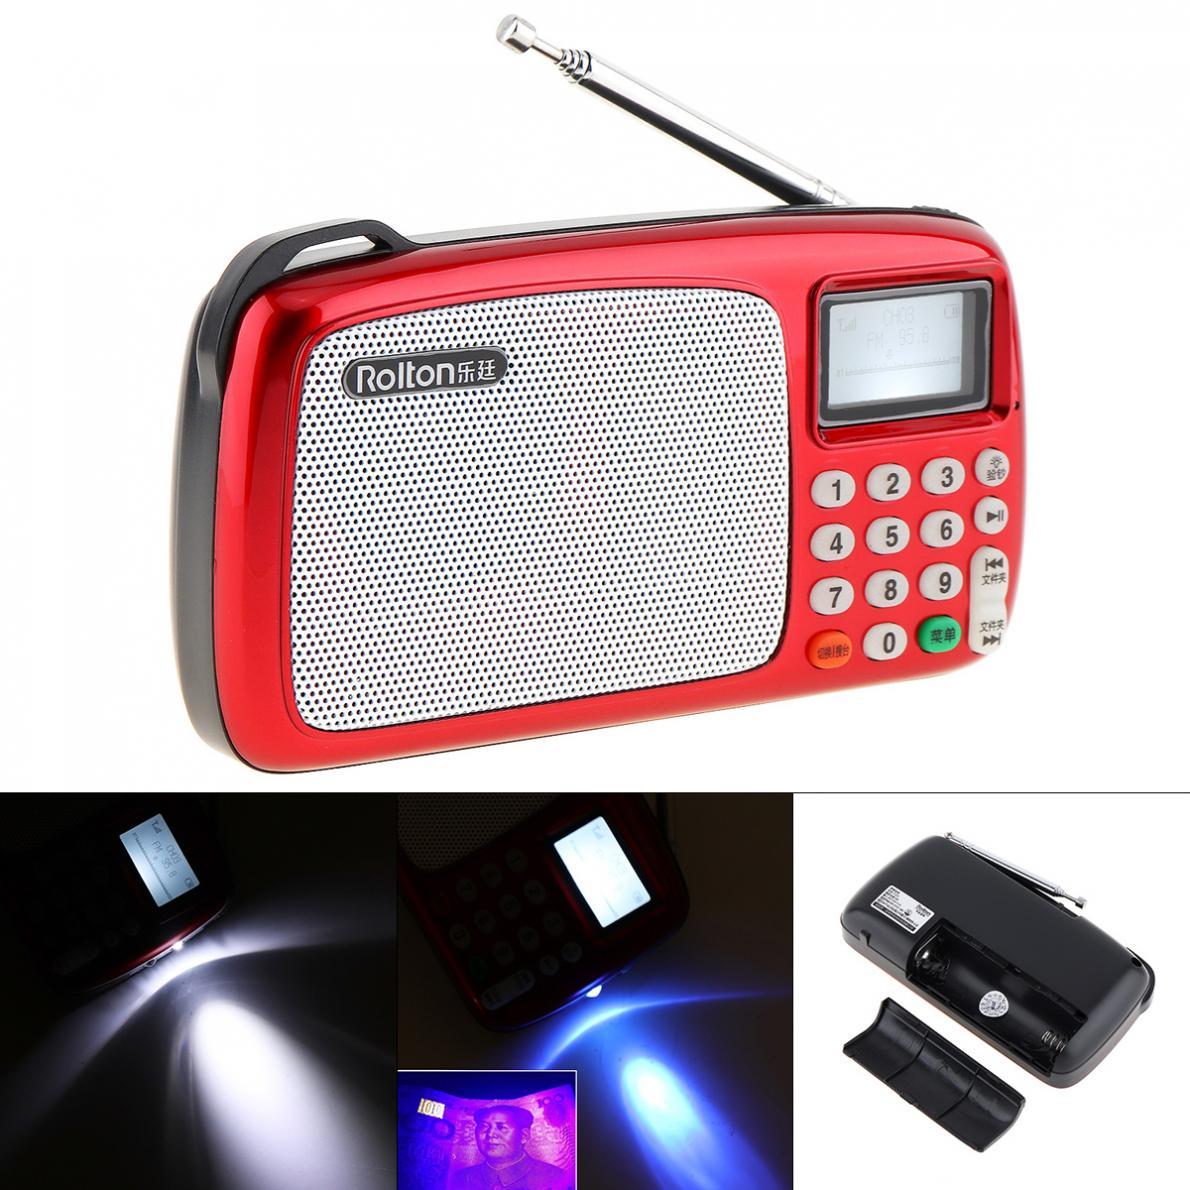 Radio Tragbares Audio & Video Rolton T303 Tragbare Tf Karte Usb Fm Radio Lautsprecher Mit Led-anzeige Mp3 Musik Player/taschenlampe Lampe/geld überprüfen Für Ältere/kinder